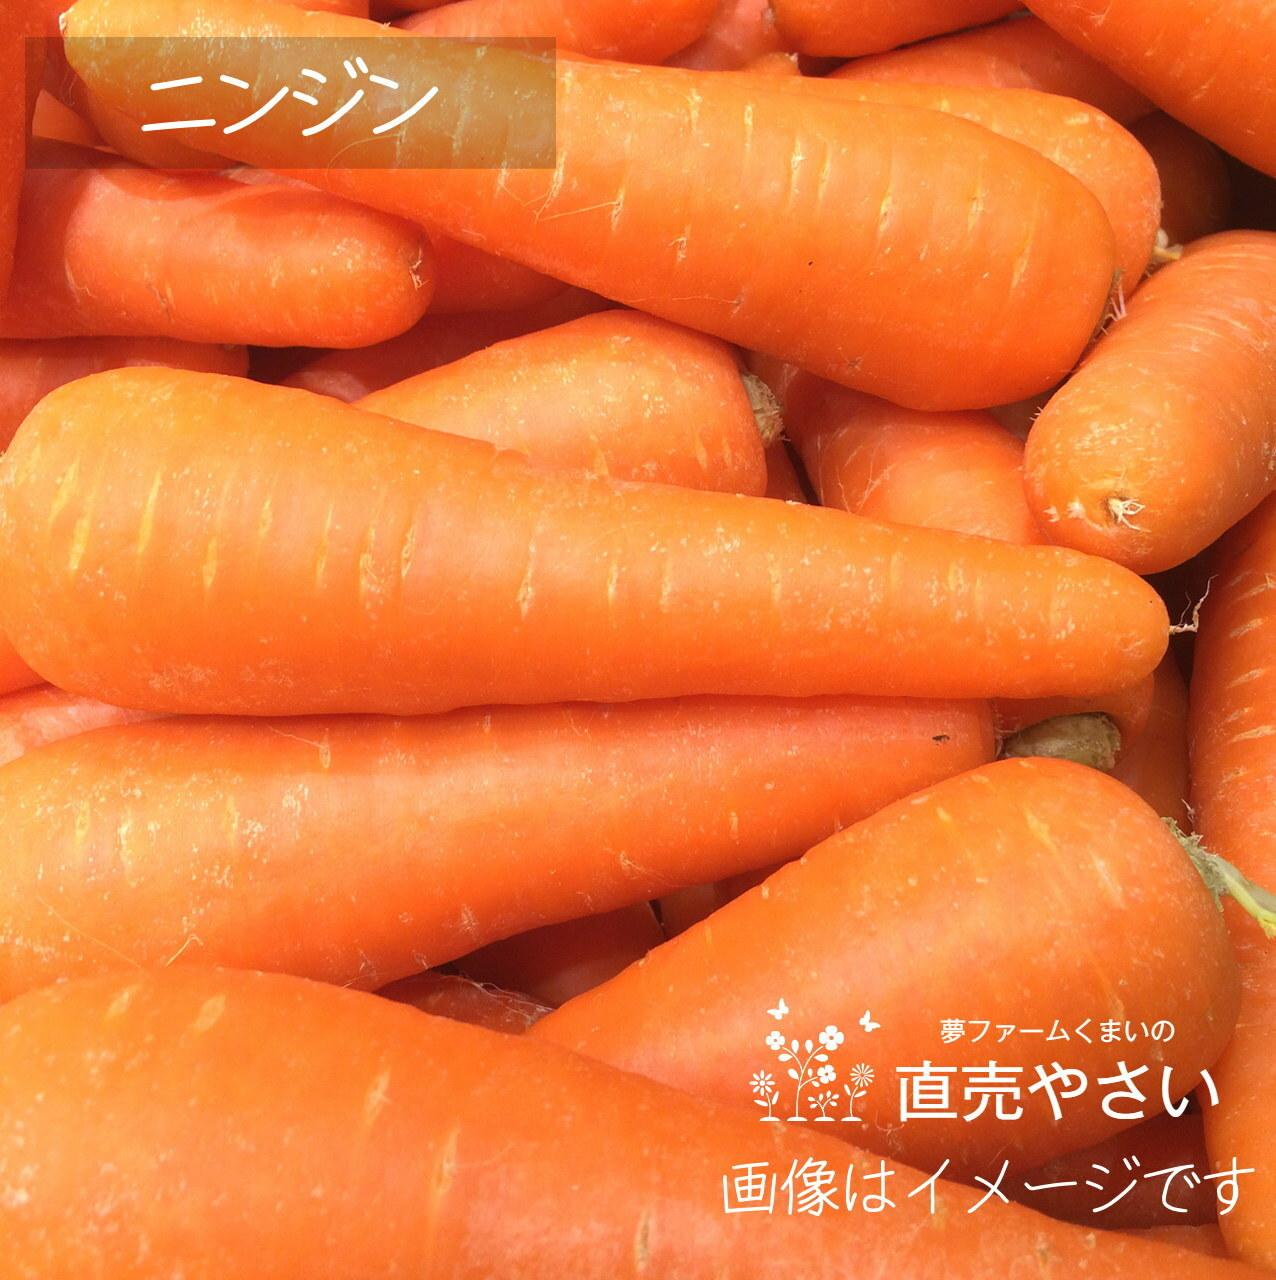 新鮮な秋野菜 : ニンジン 約400g 9月の朝採り直売野菜 9月12日発送予定